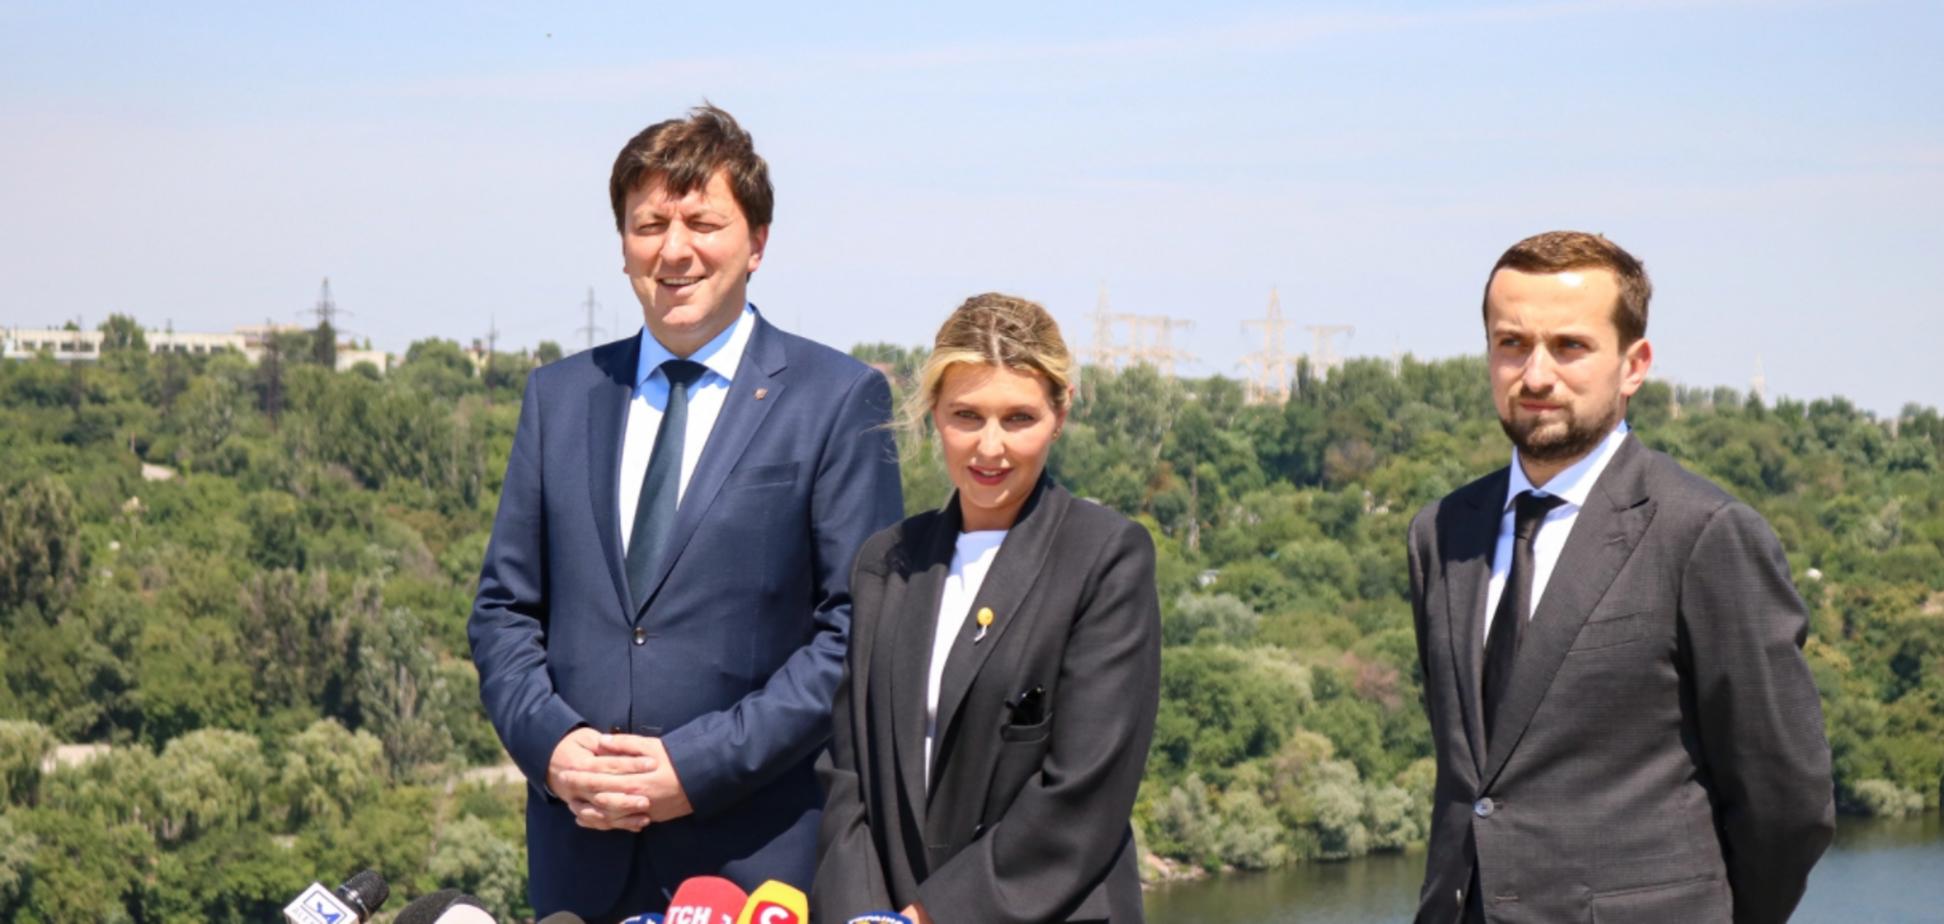 Перша леді Олена Зеленська та заступник голови Офісу Президента Кирило Тимошенко відвідали Хортицю